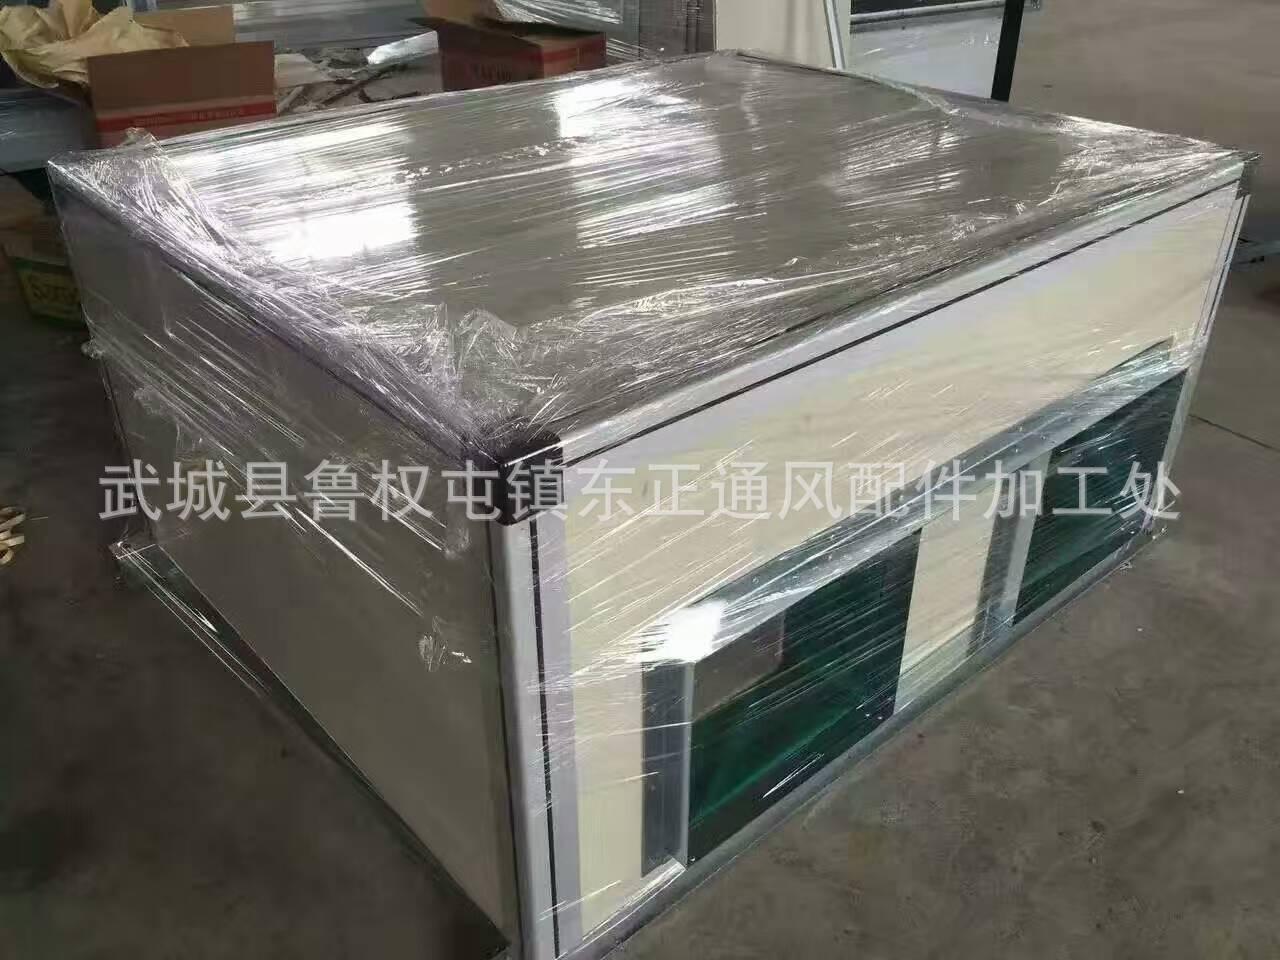 空气净化制冷机组风机盘管工业制冷机组 净化机组